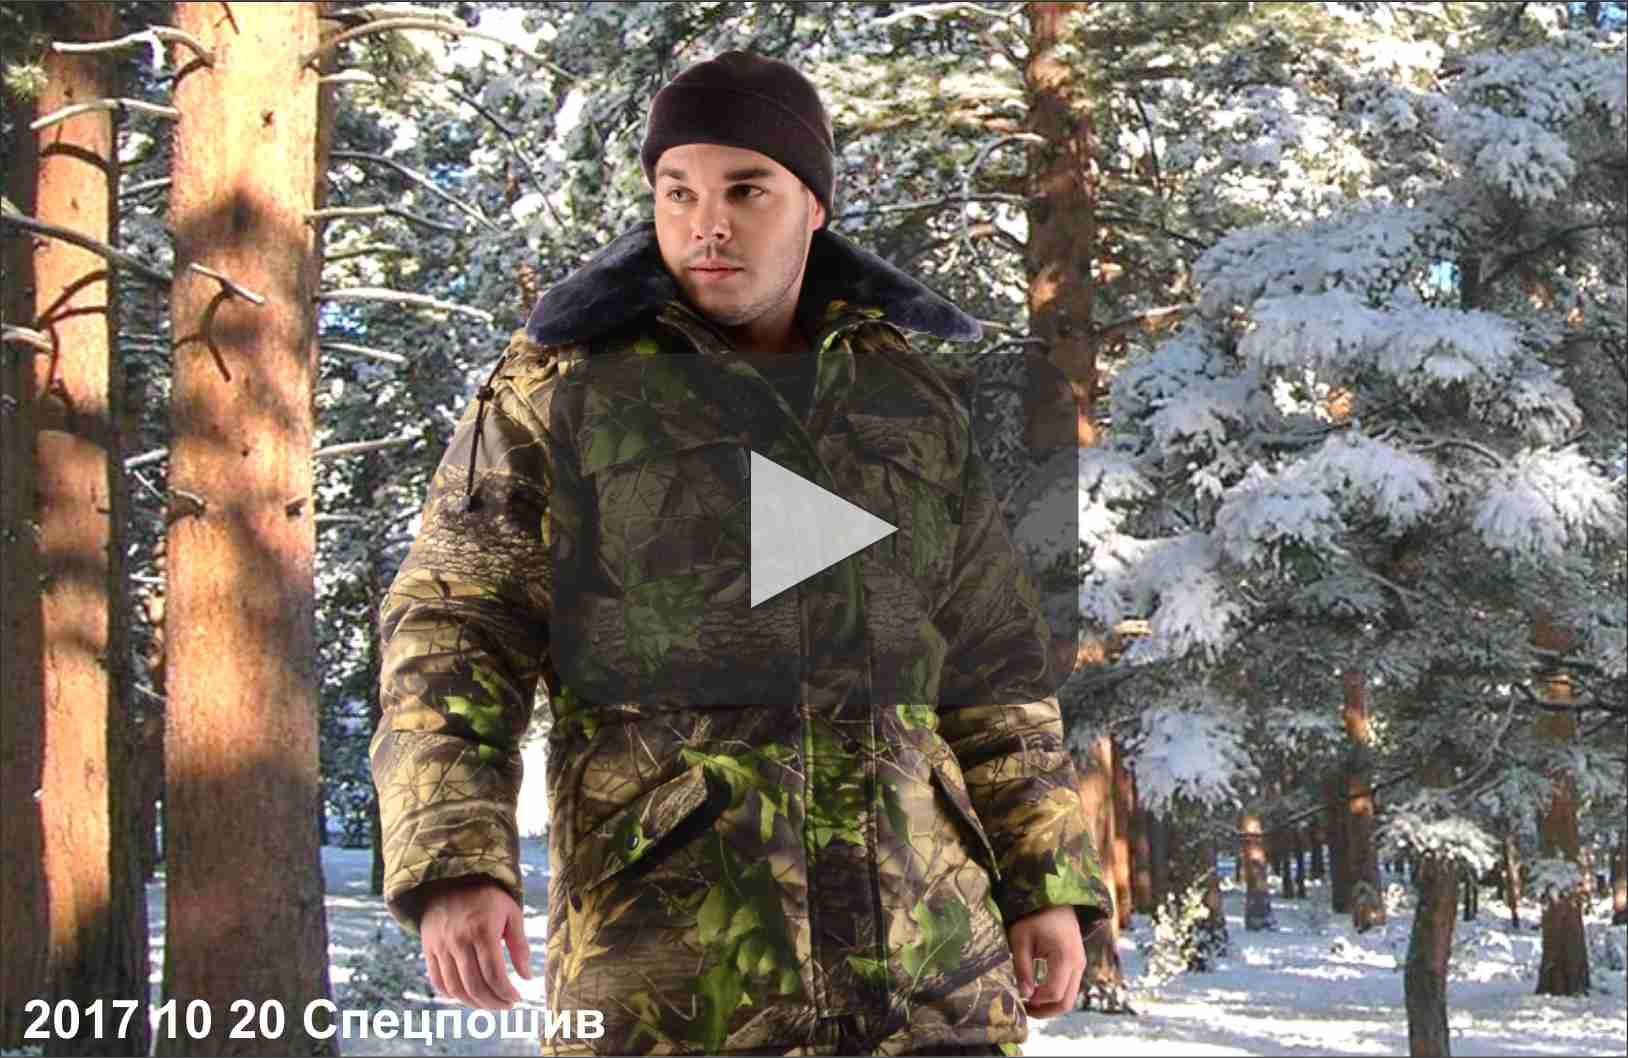 превью видео зима